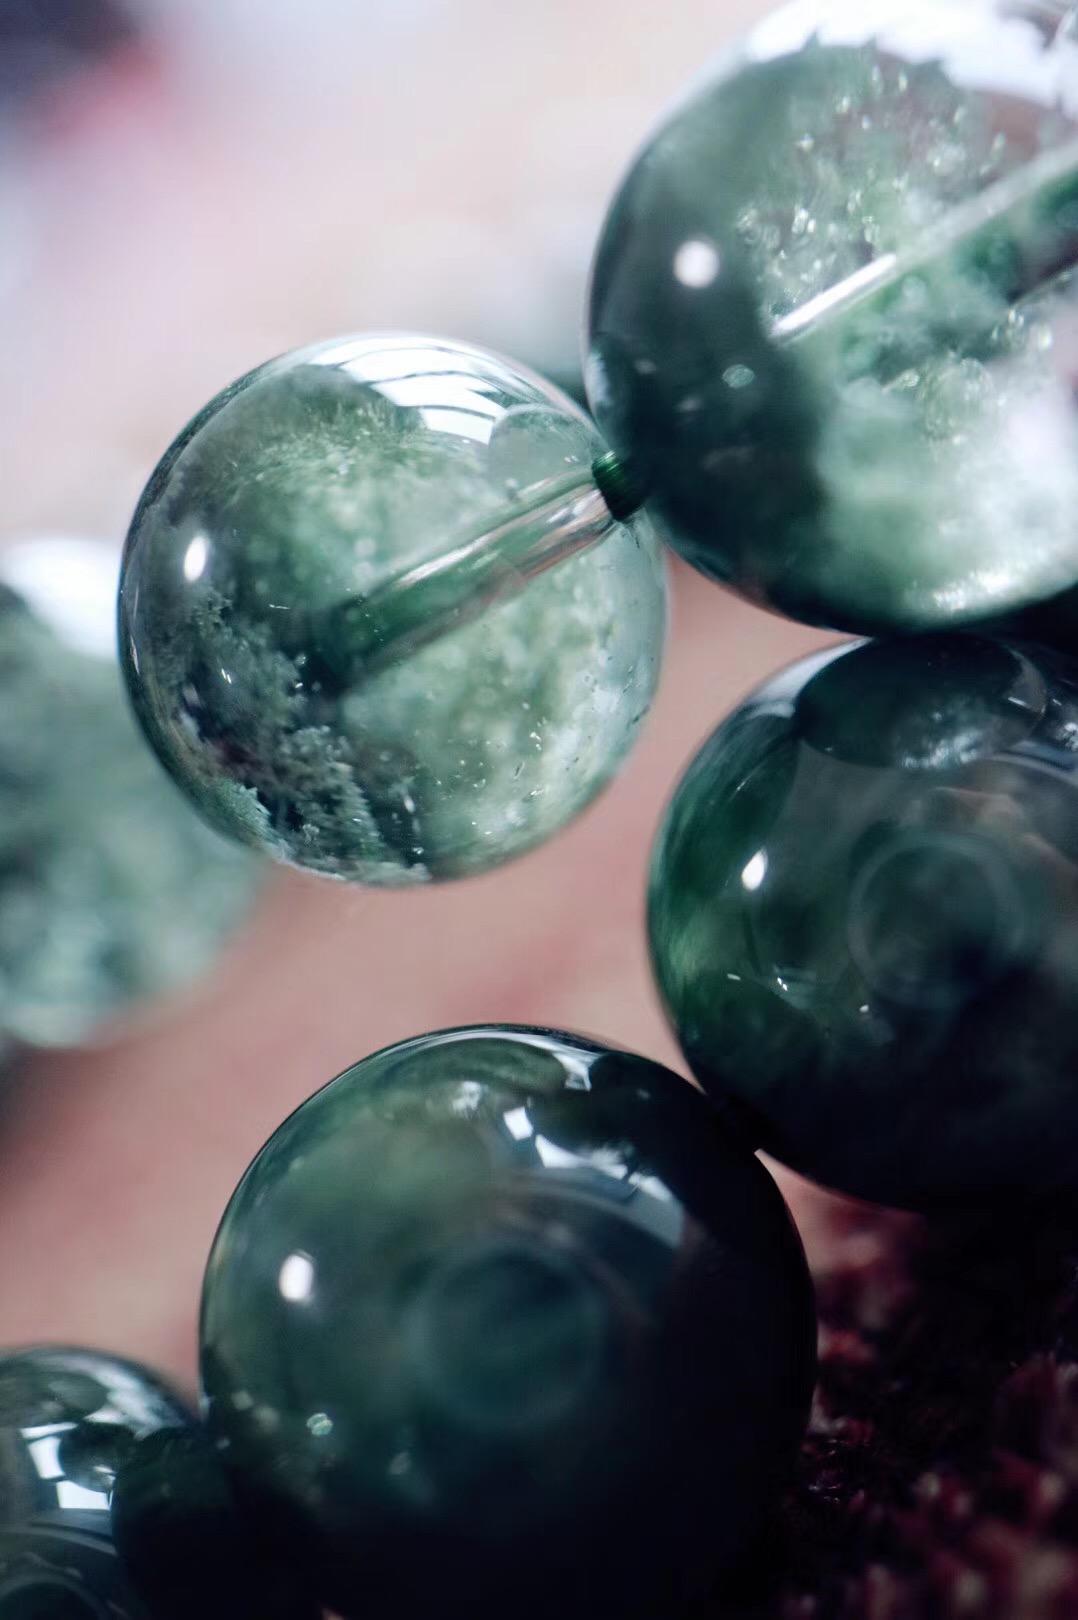 【菩心   绿幽灵&绿发晶】两串绿色精灵,他们可以帮你缓解疲劳,也可以给你增加动力-菩心晶舍